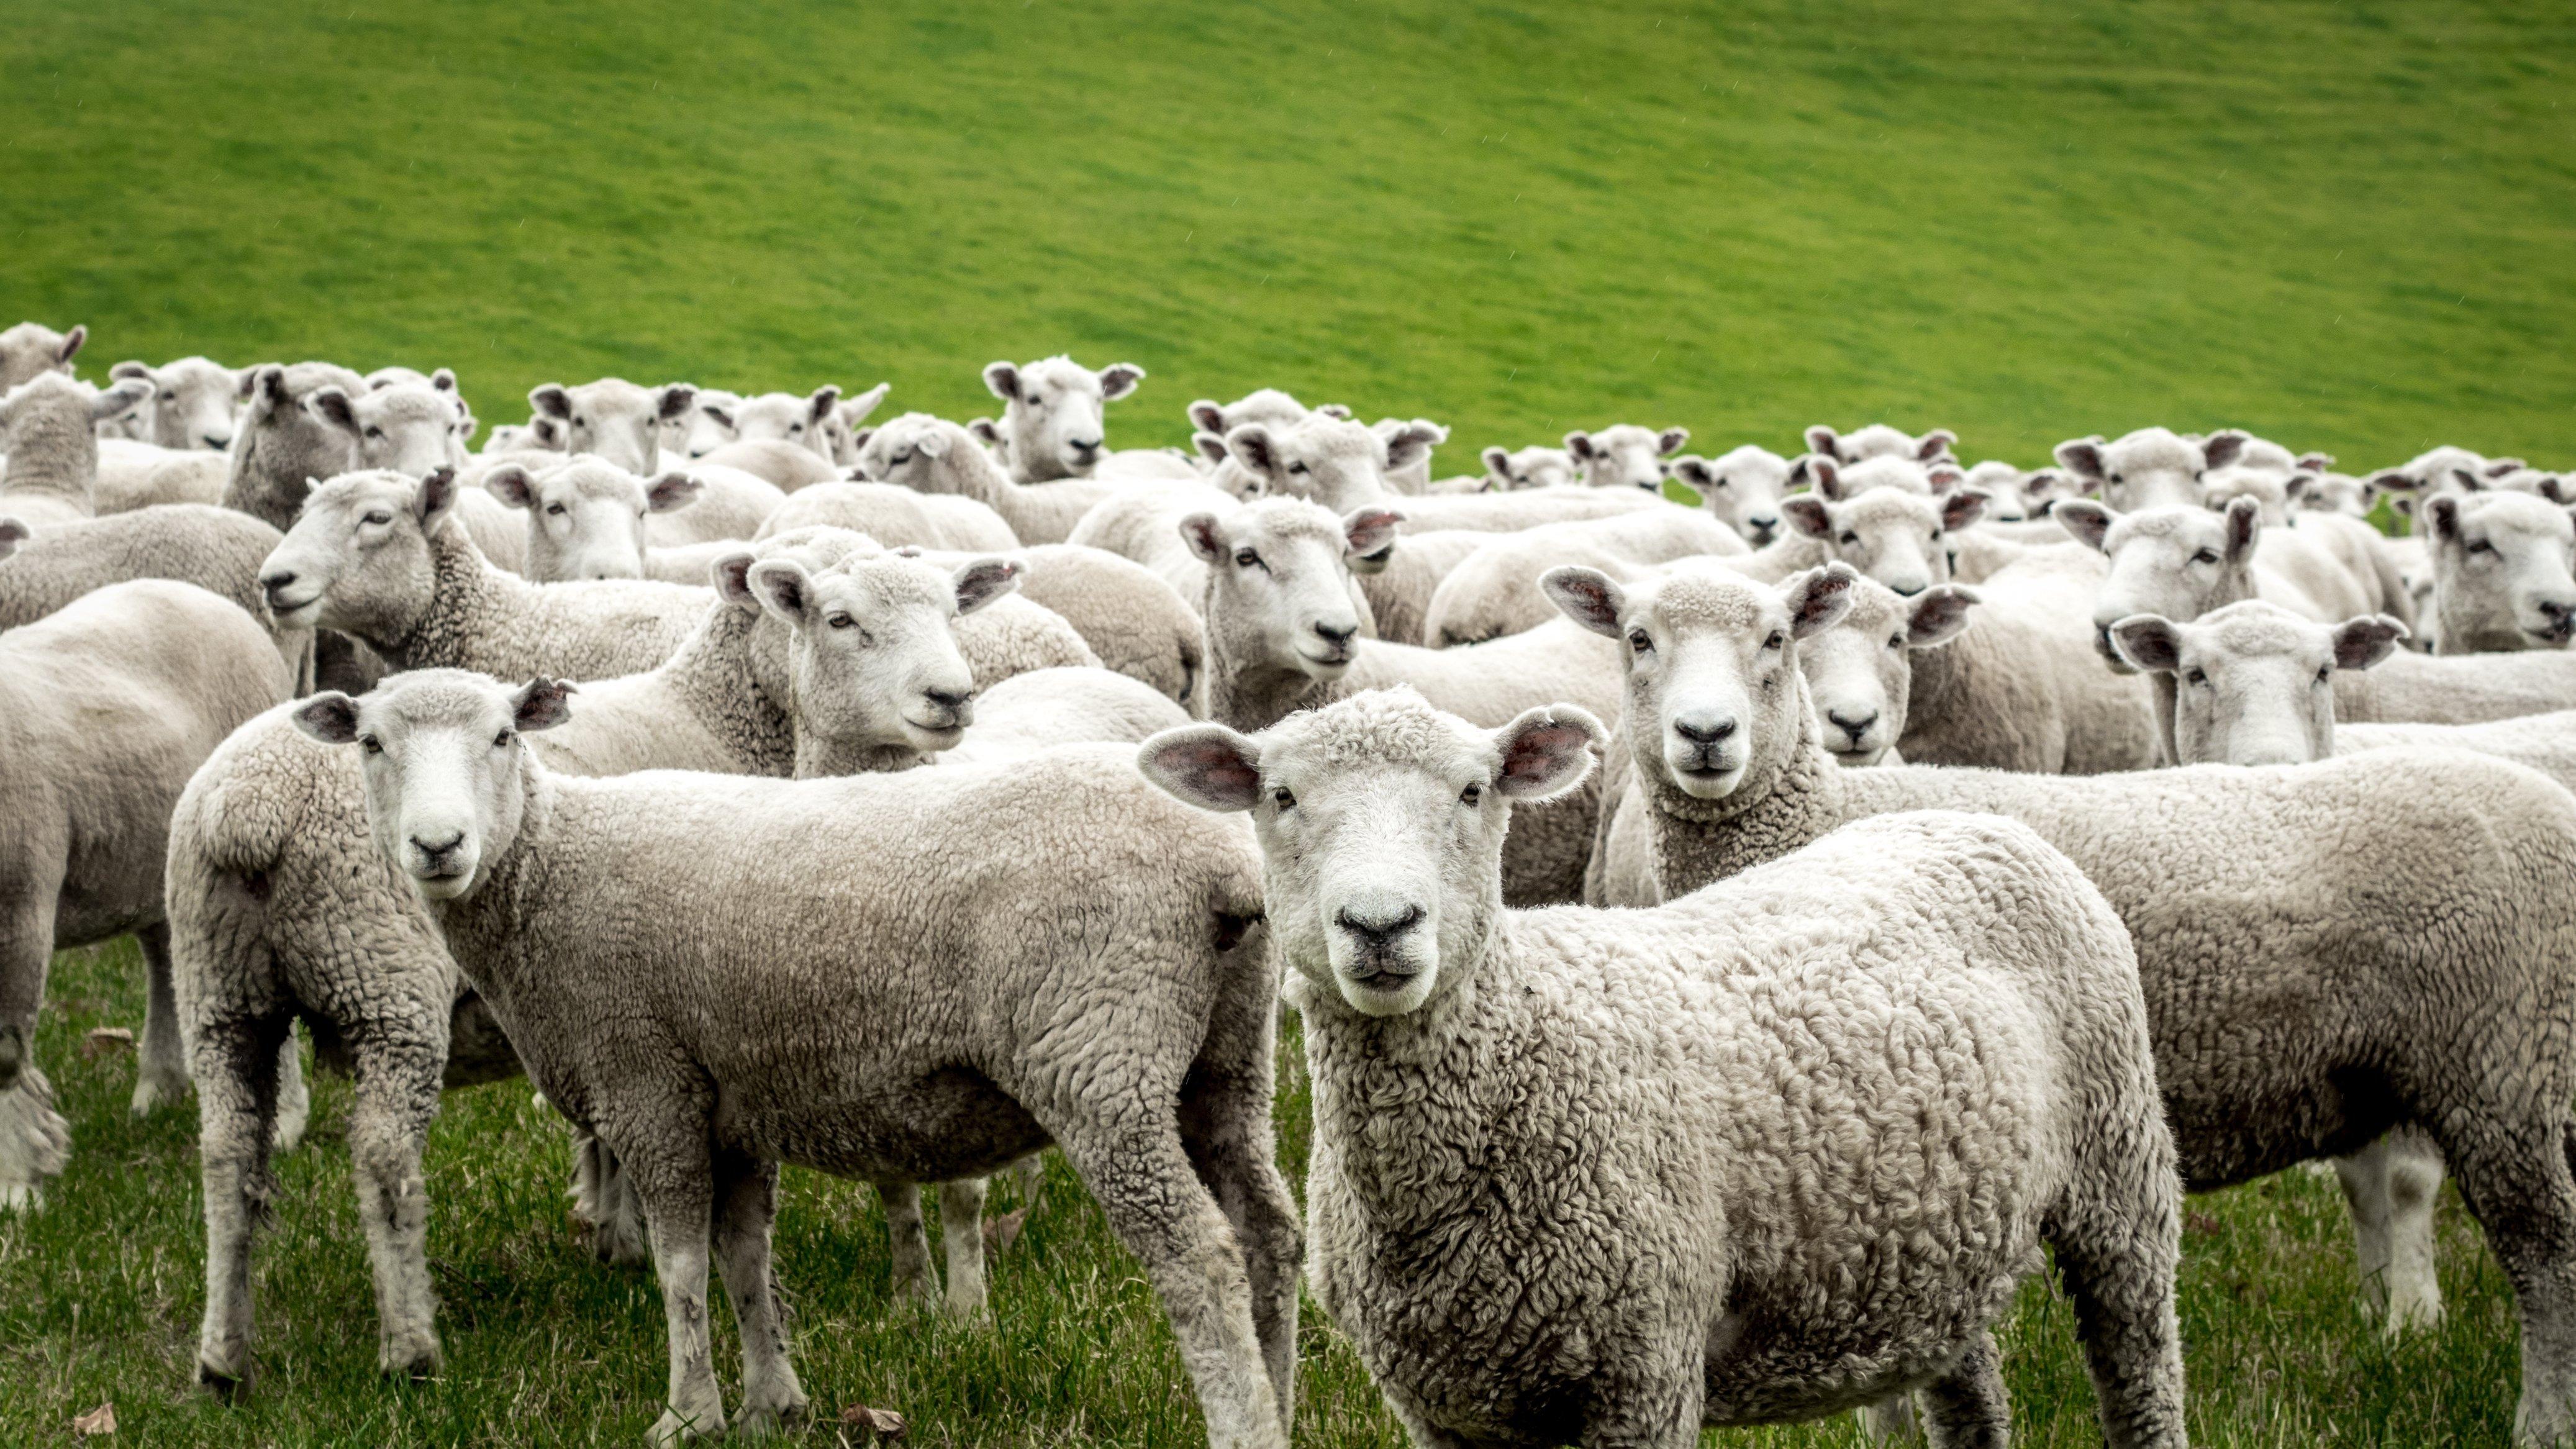 Ovejas en el pasto. Fuente: Shutterstock